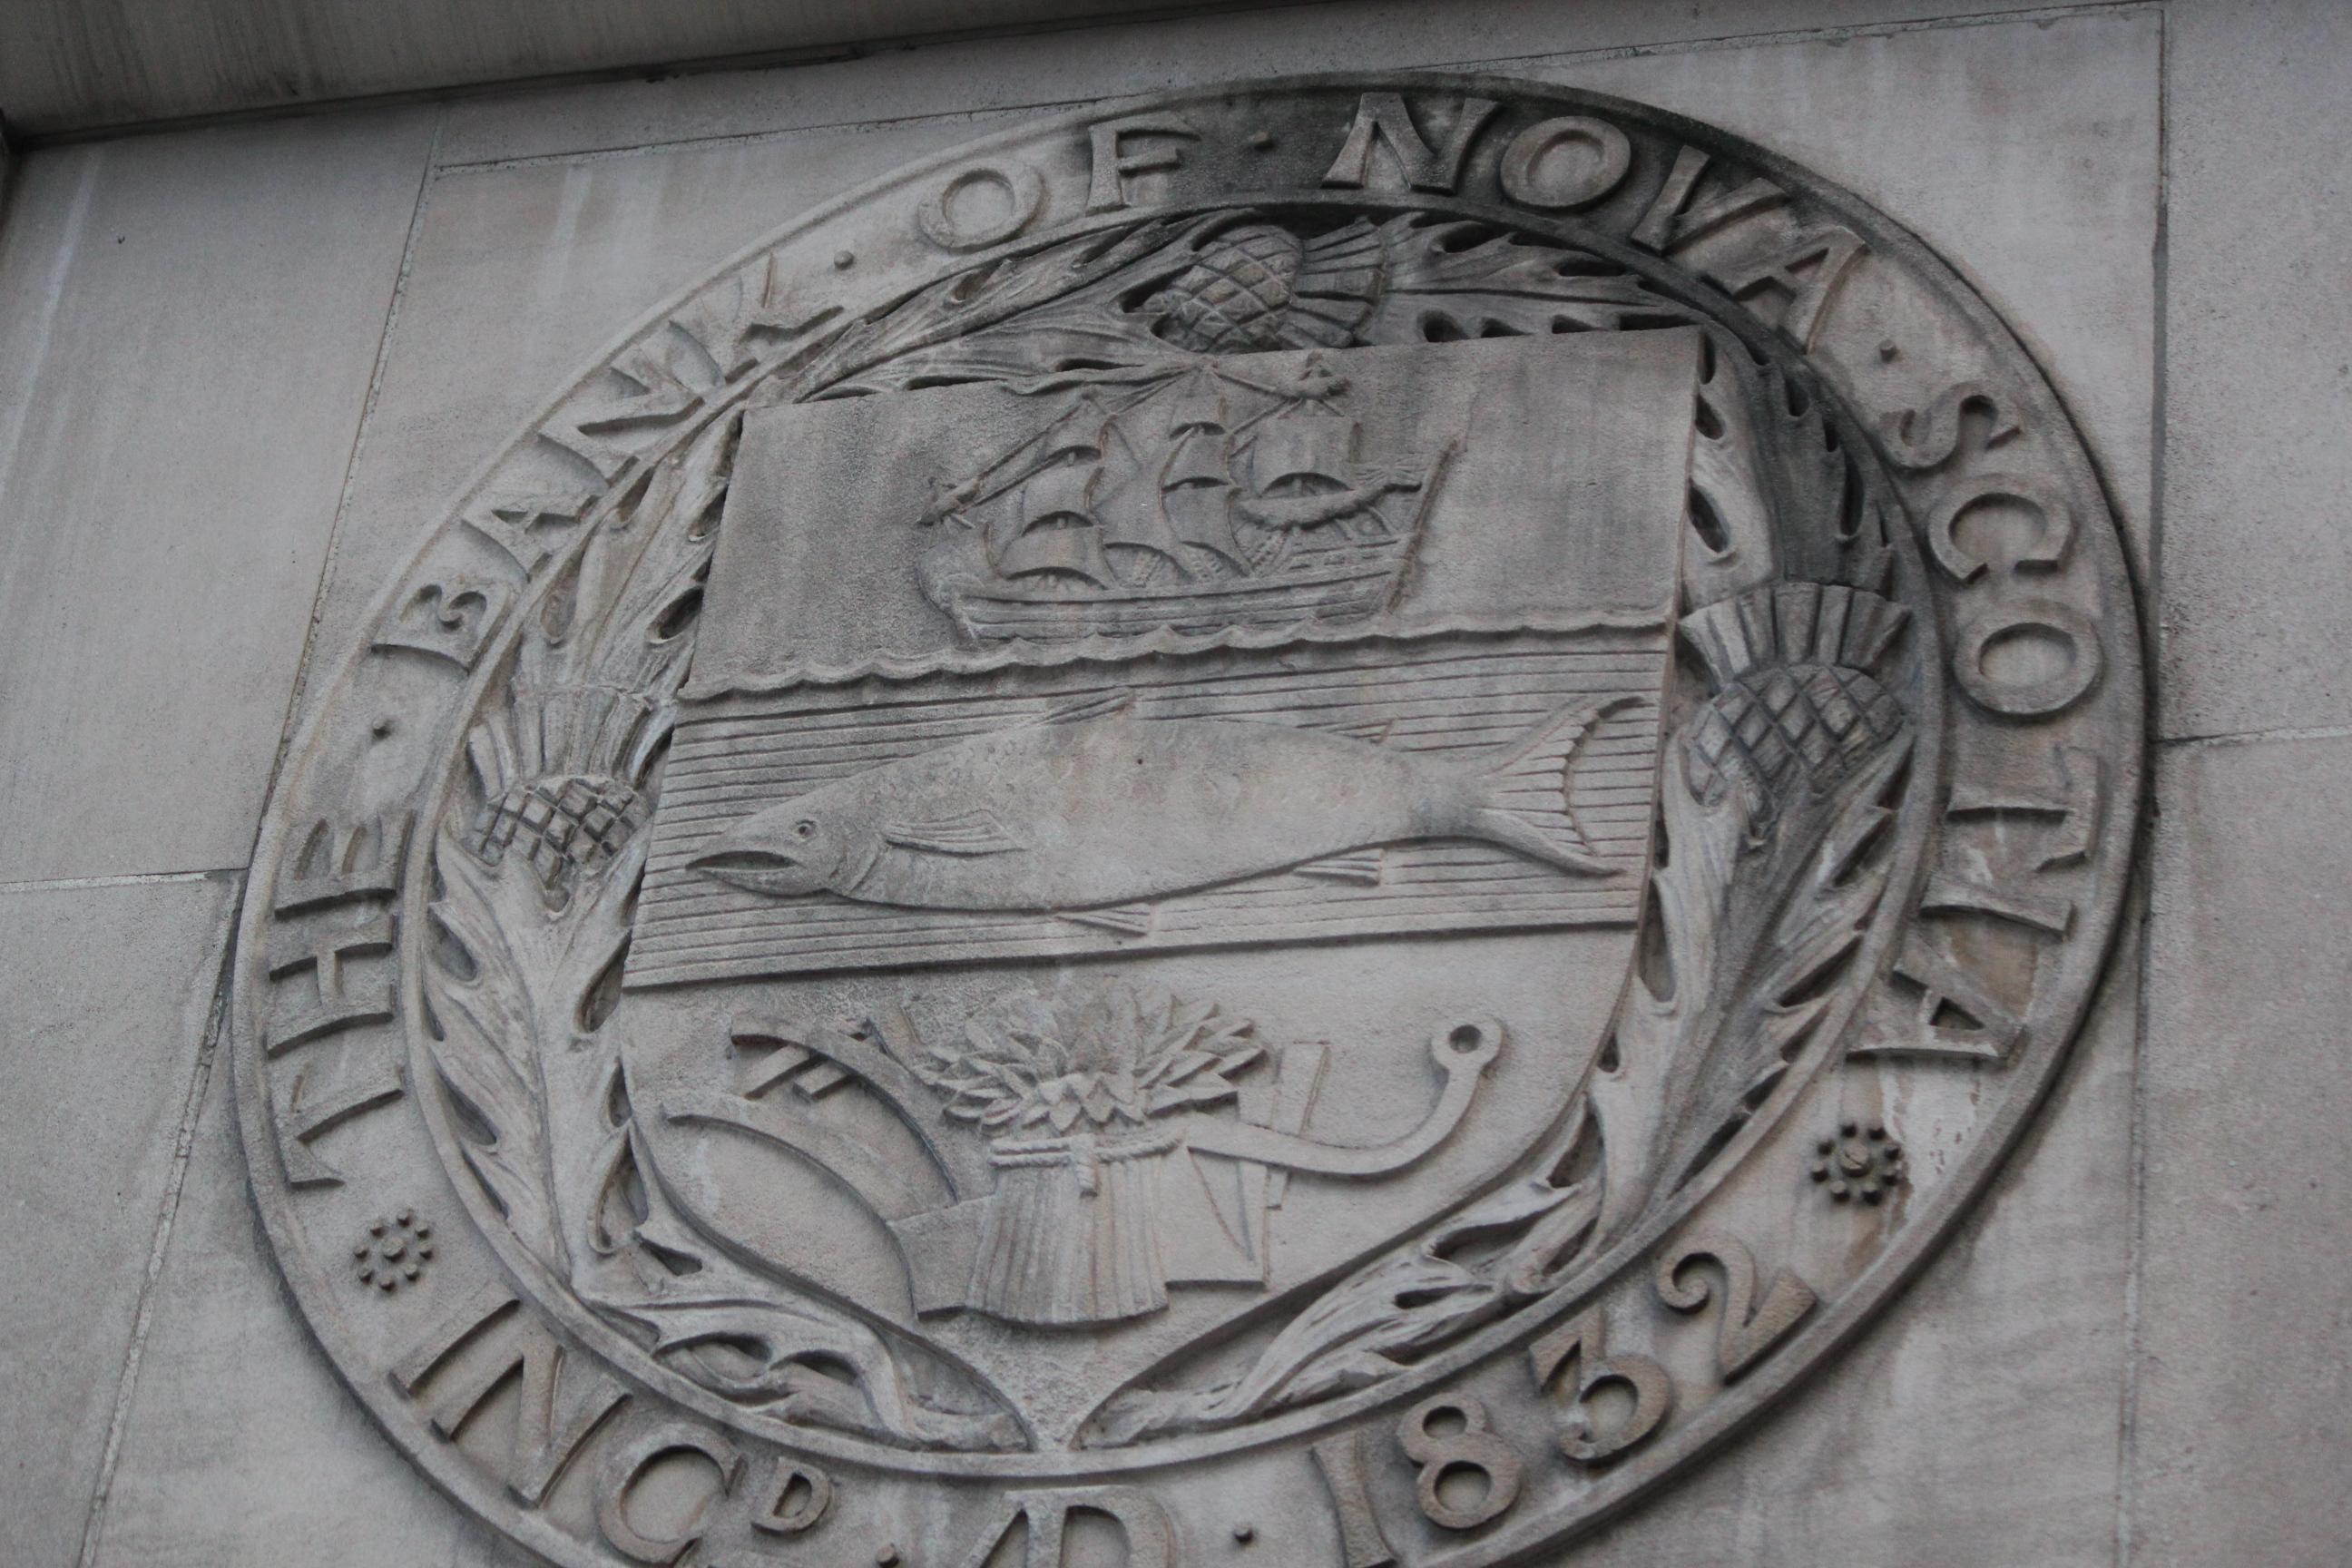 Bank of Nova Scotia Emblem; Toronto, Canada; 2011